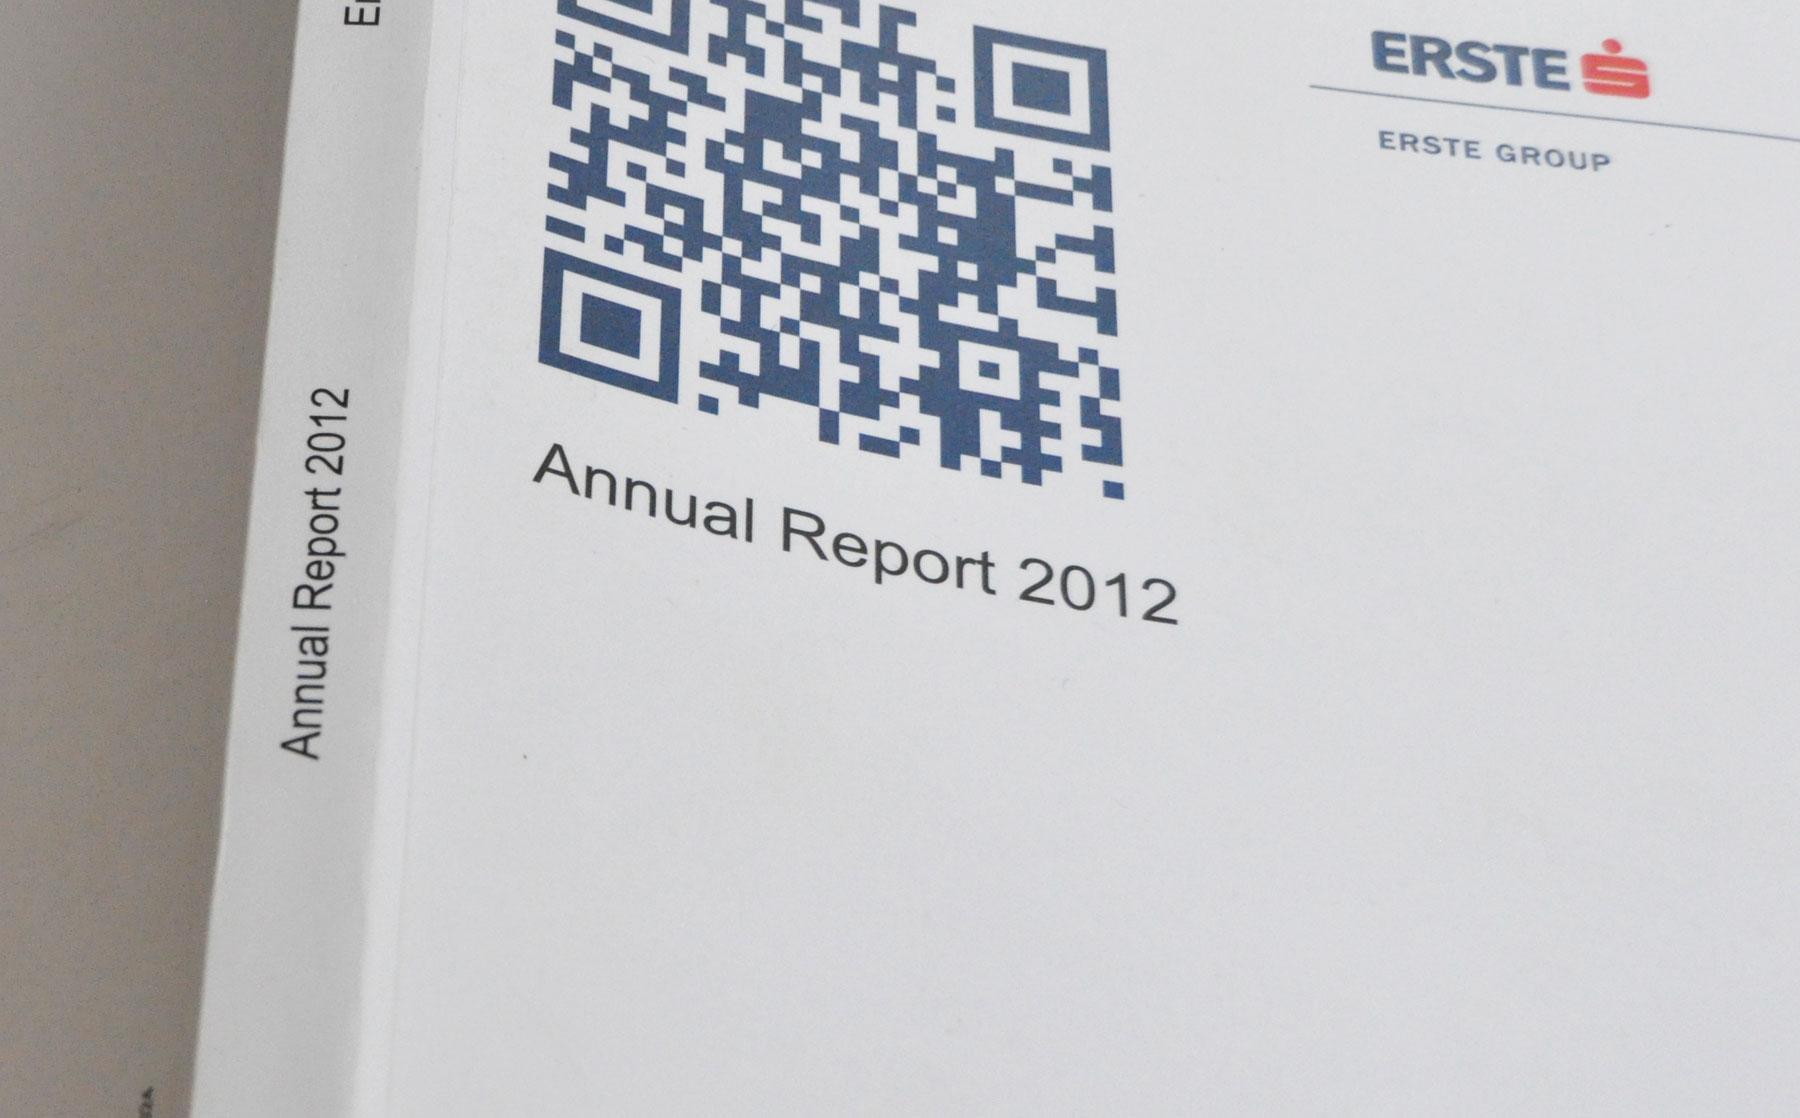 erste2012_grafikwerkstatt.at